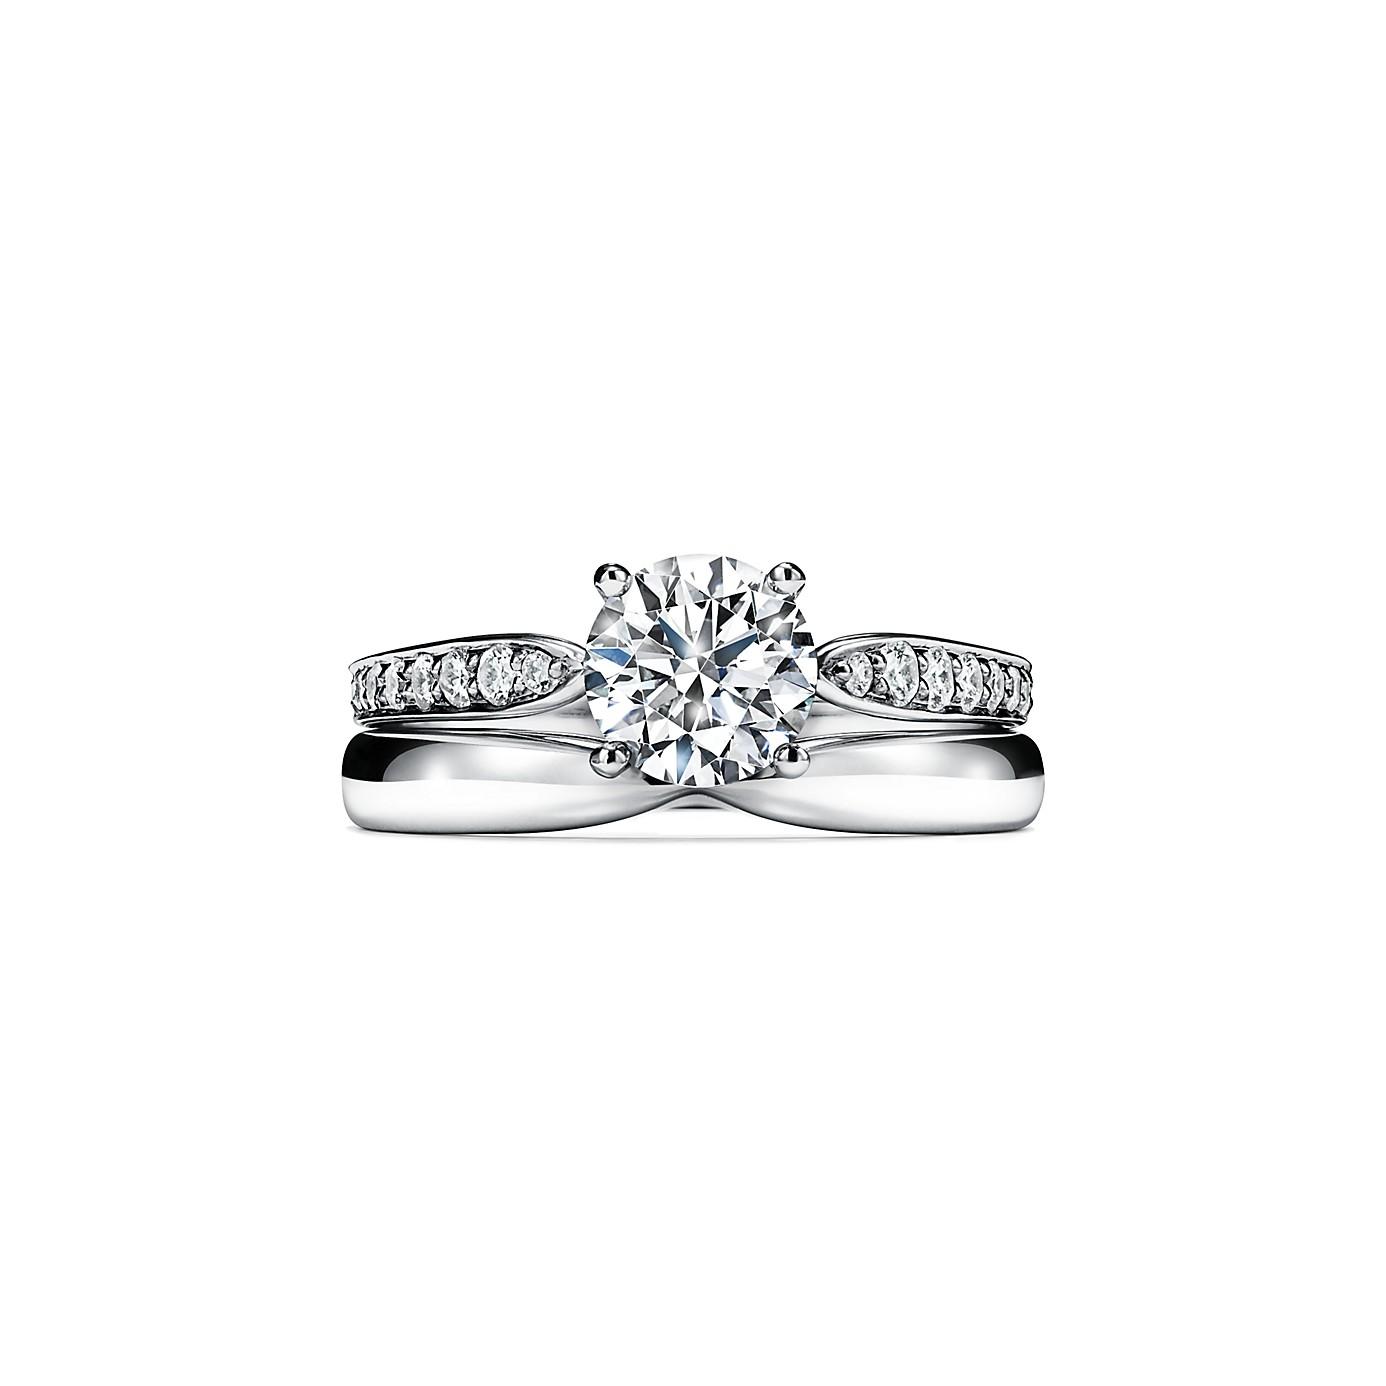 ティファニー ハーモニー エンゲージメント リング ダイヤモンド バンド(3)―Tiffany & Co.(ティファニー)